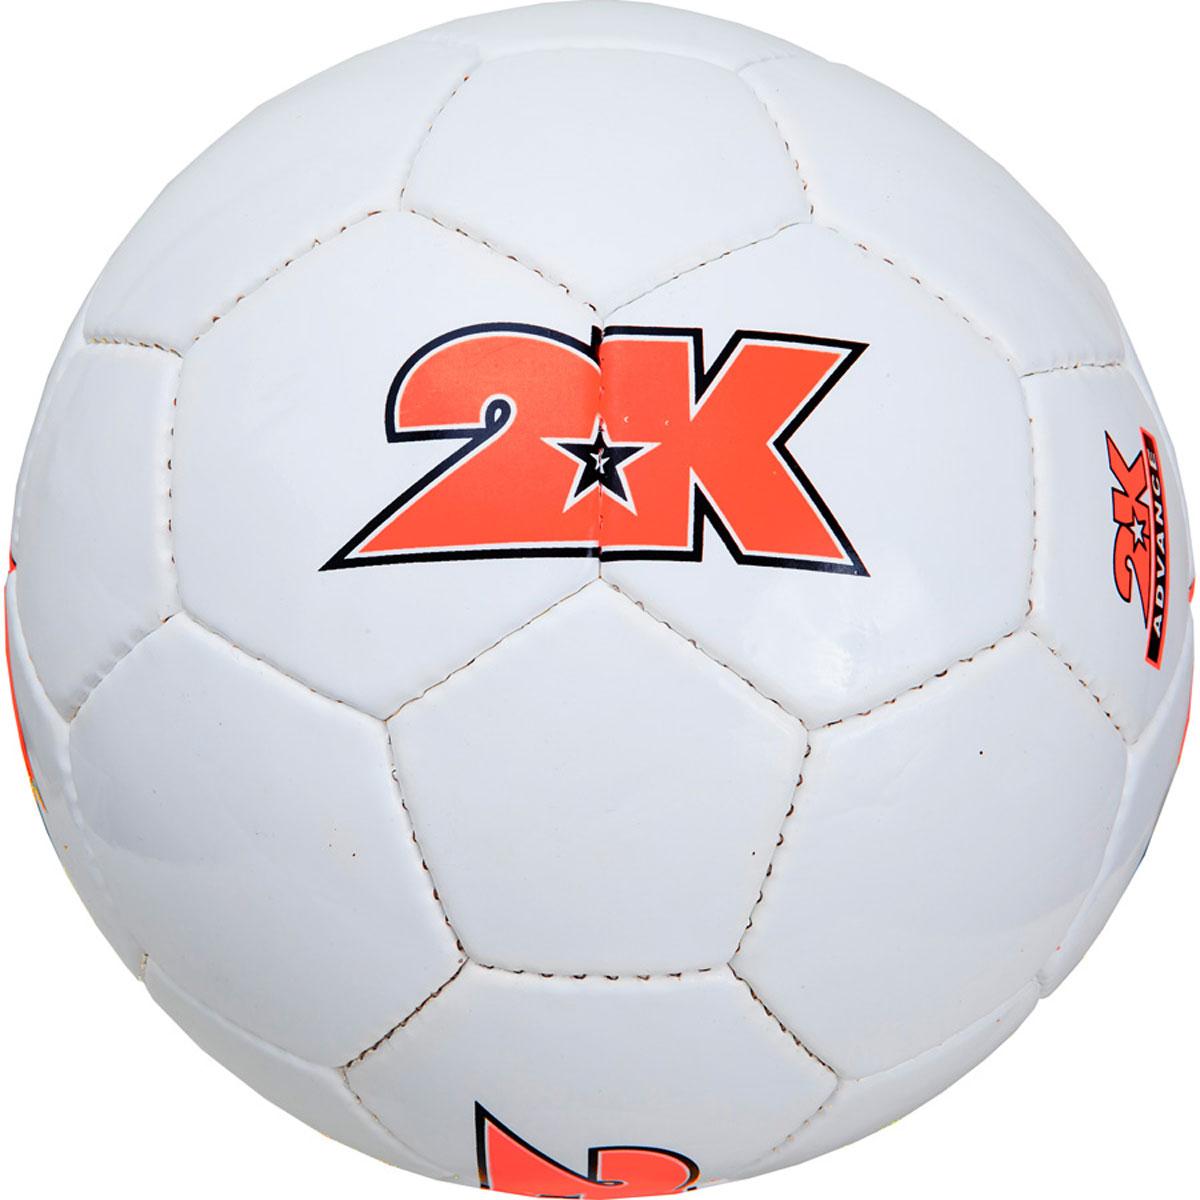 Мяч футбольный 2K Sport Advance, цвет: белый, оранжевый. Размер 4127048Любительский футбольный мяч 2K Sport Advance изготовлен из полиуретана. Бесшовная камера выполнена из натурального латекса. Сшивка производилась вручную. Швы проклеены для герметизации.